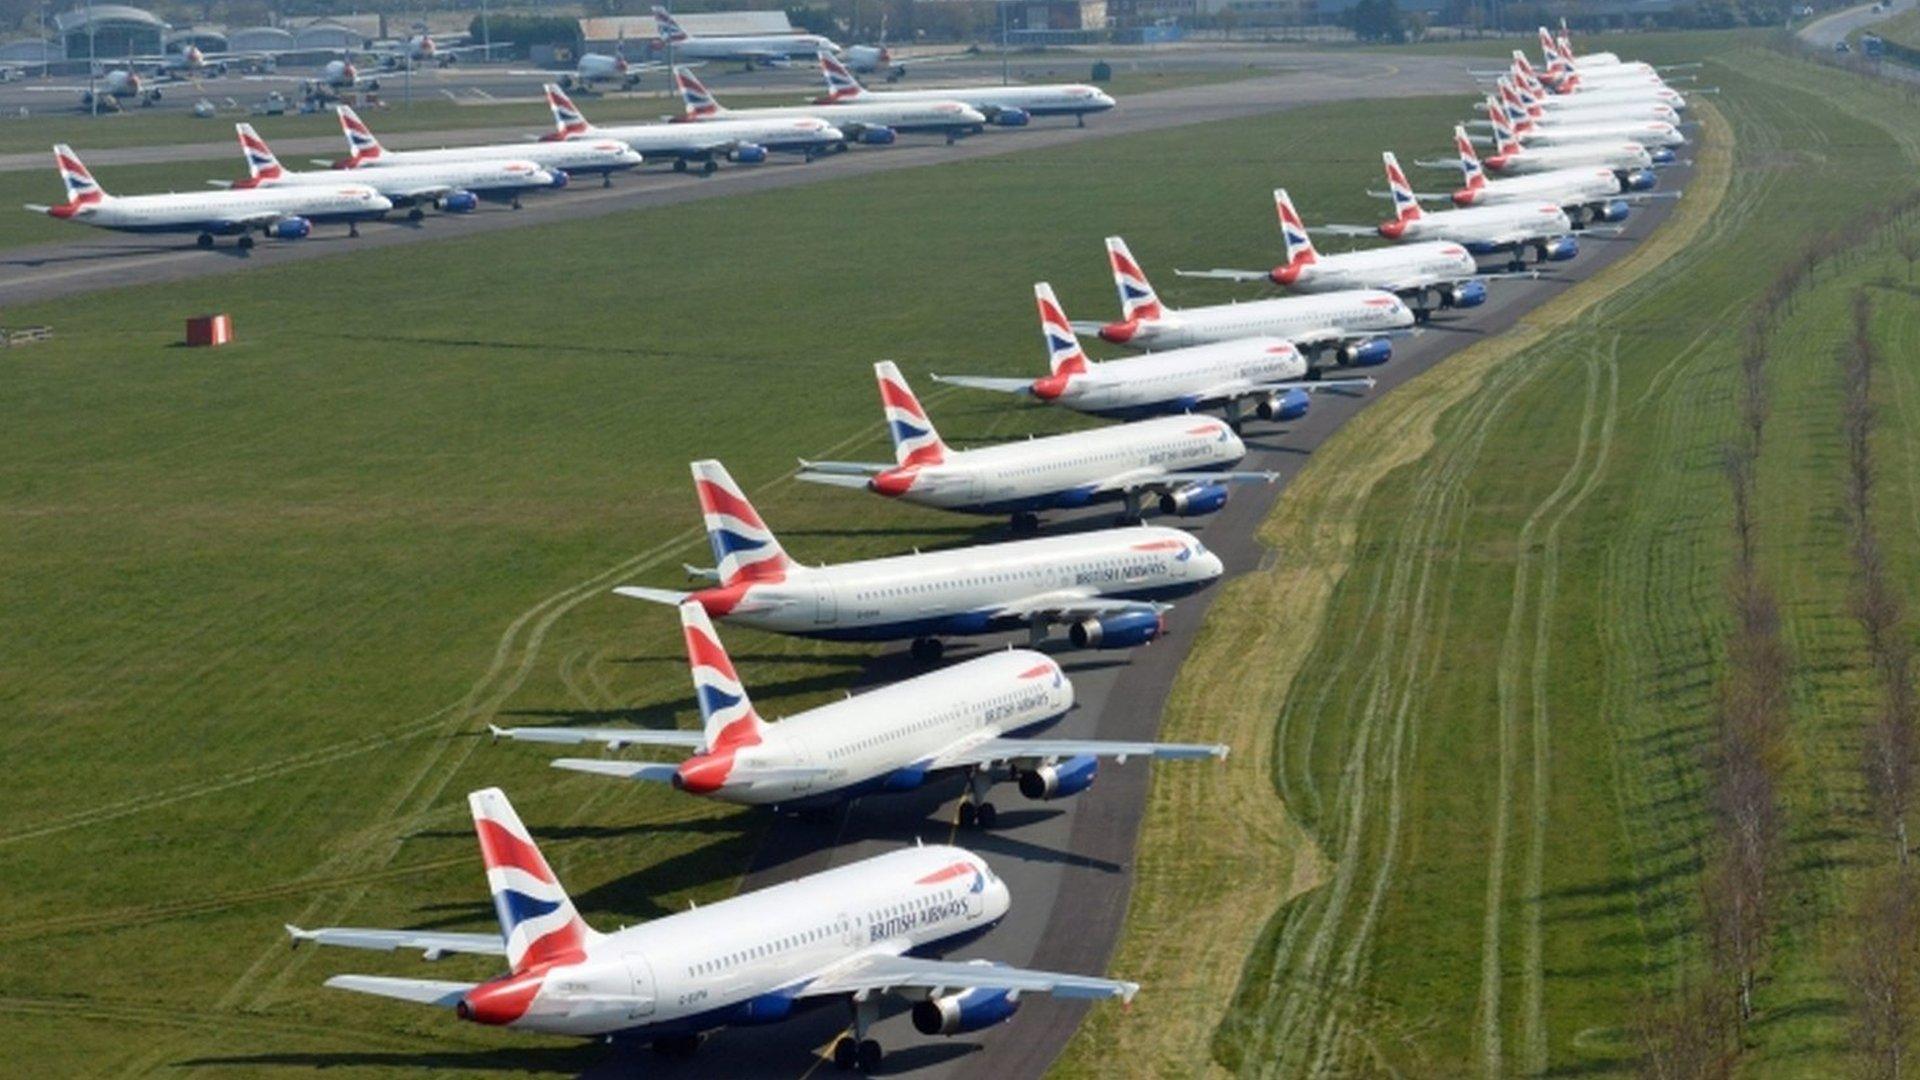 Noticias de aerolíneas. Noticias de compañías aéreas. Aviones de British Airwasys